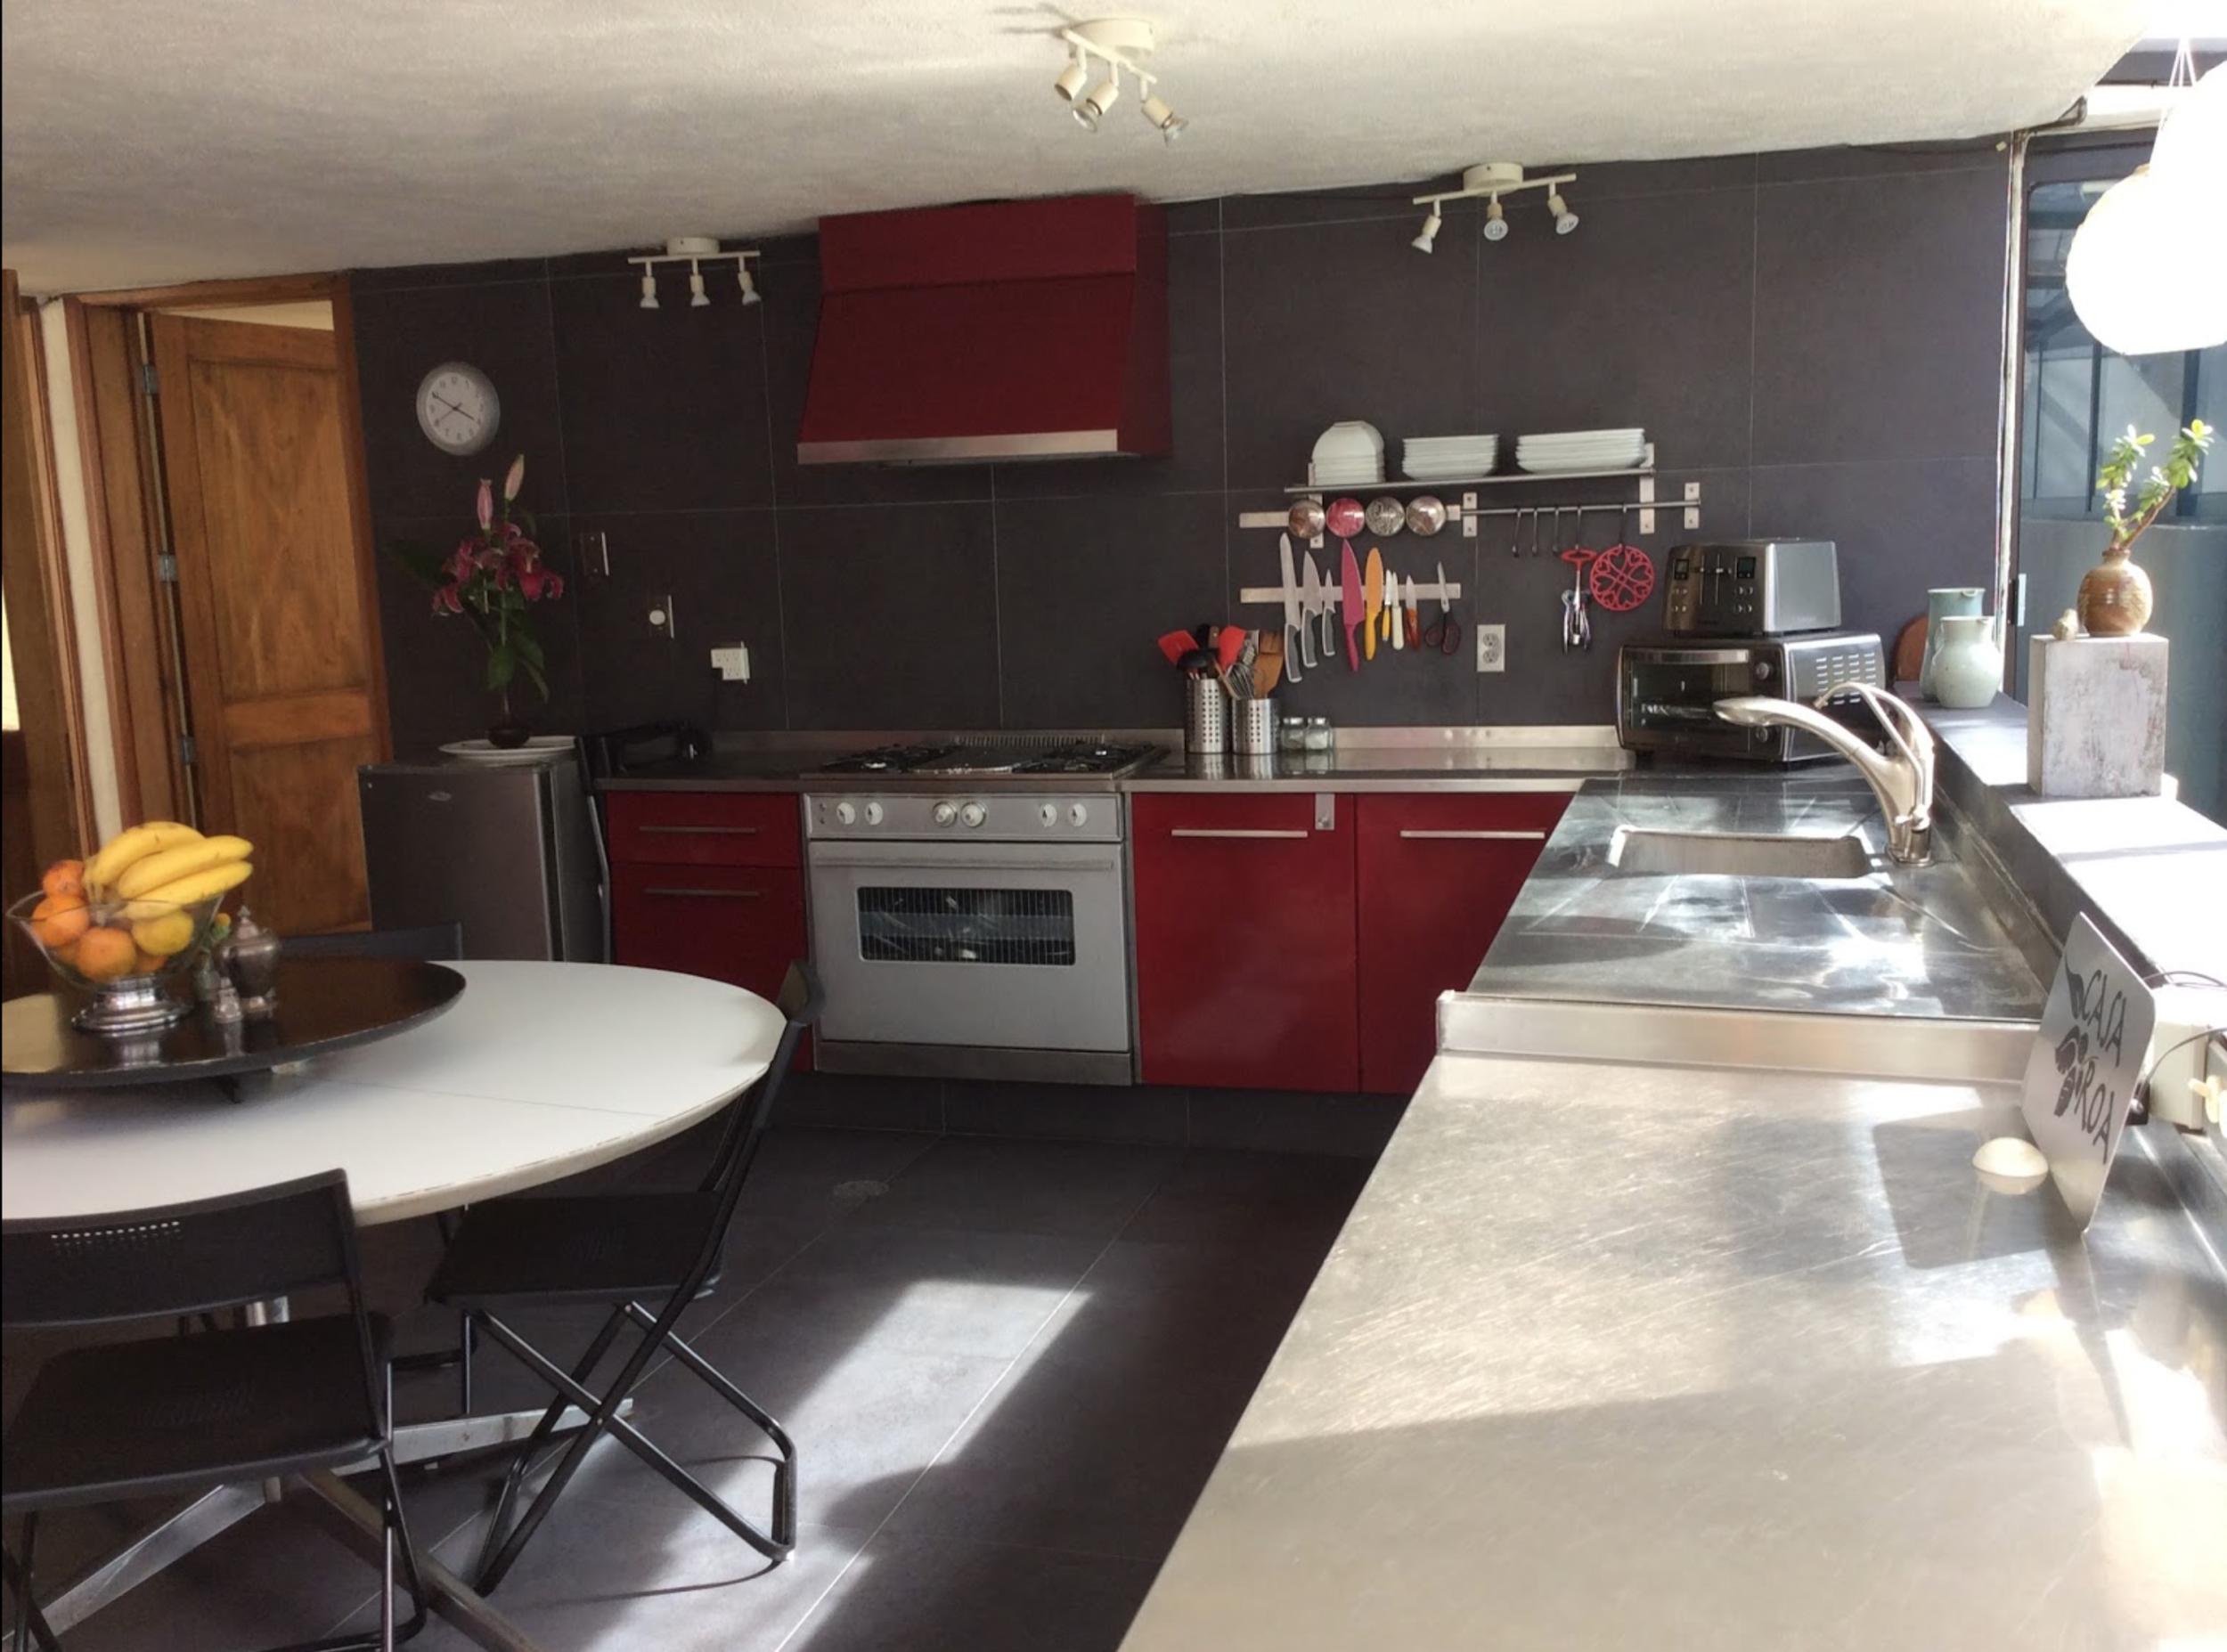 Casa Roa Kitchen.png